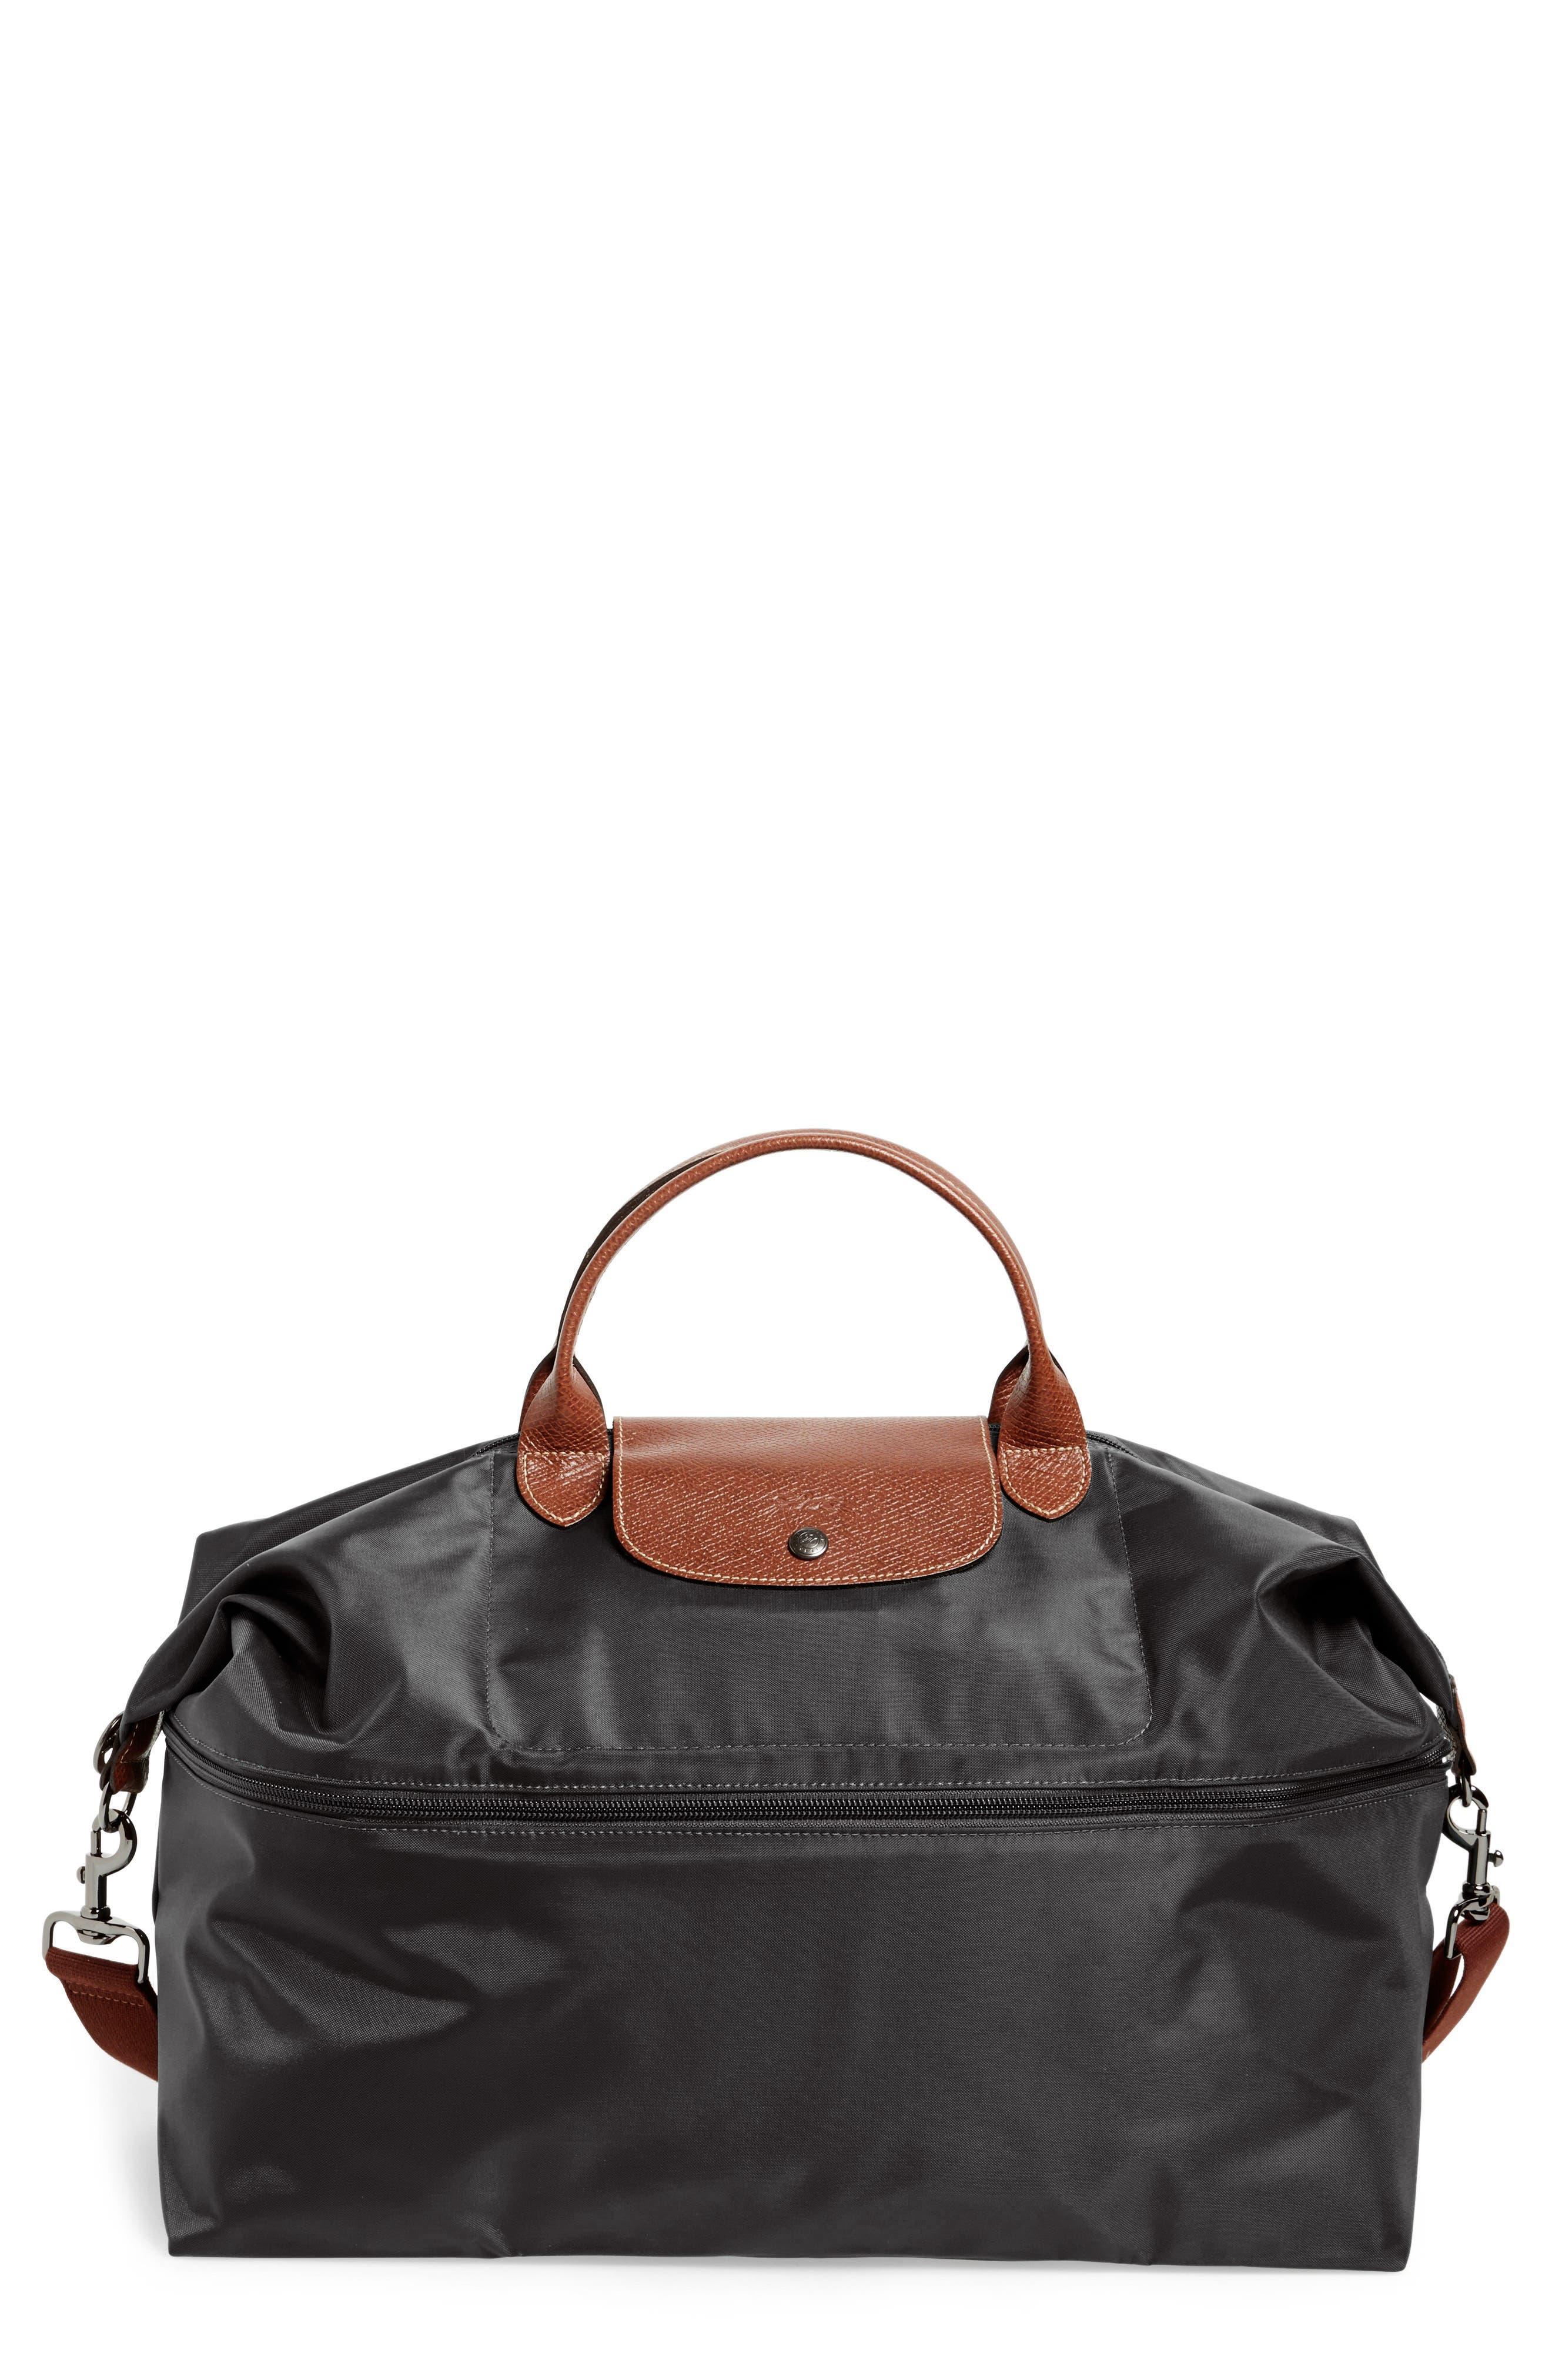 56e4a21da94c Luggage   Travel Bags